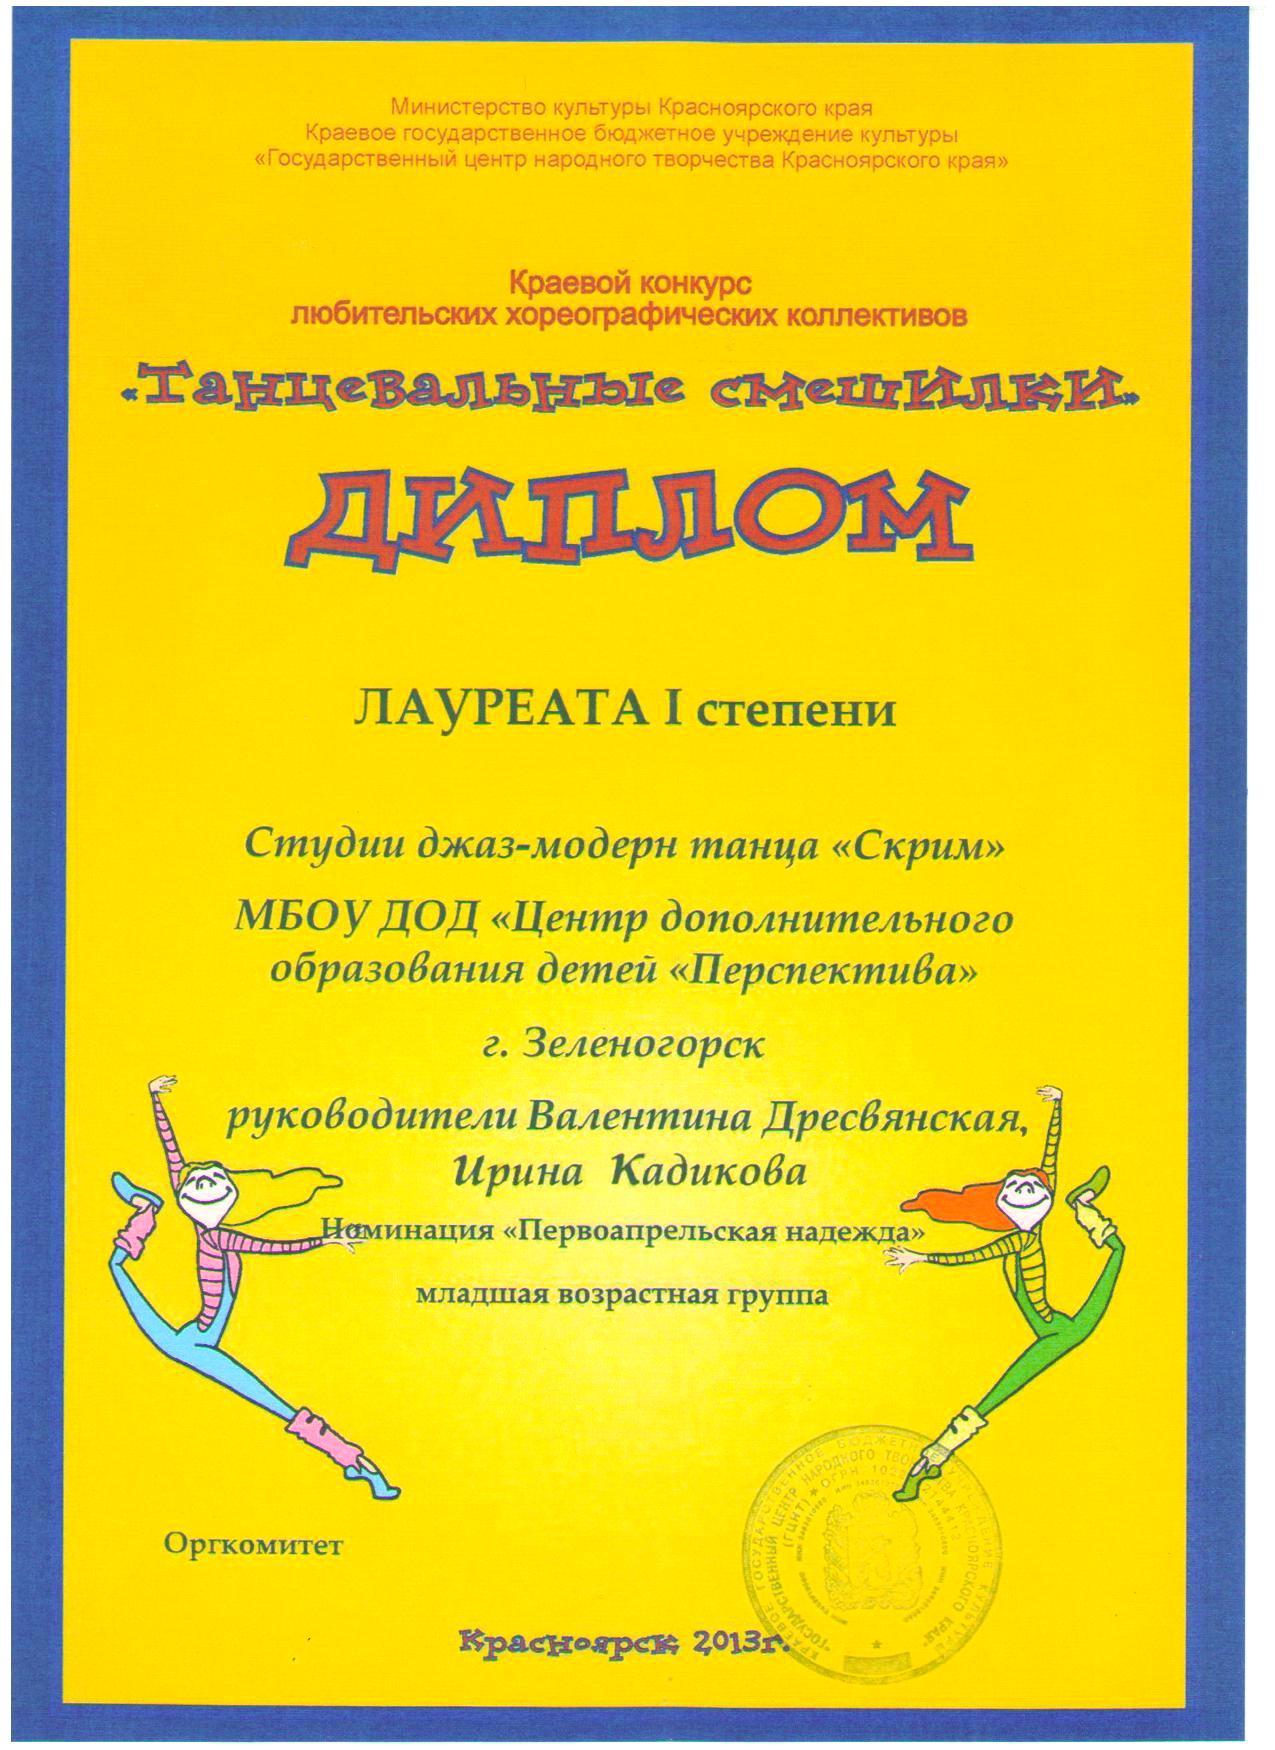 Краевой конкурс Танцевальные смешилки МБУ ДО ЦО ПЕРСПЕКТИВА  С